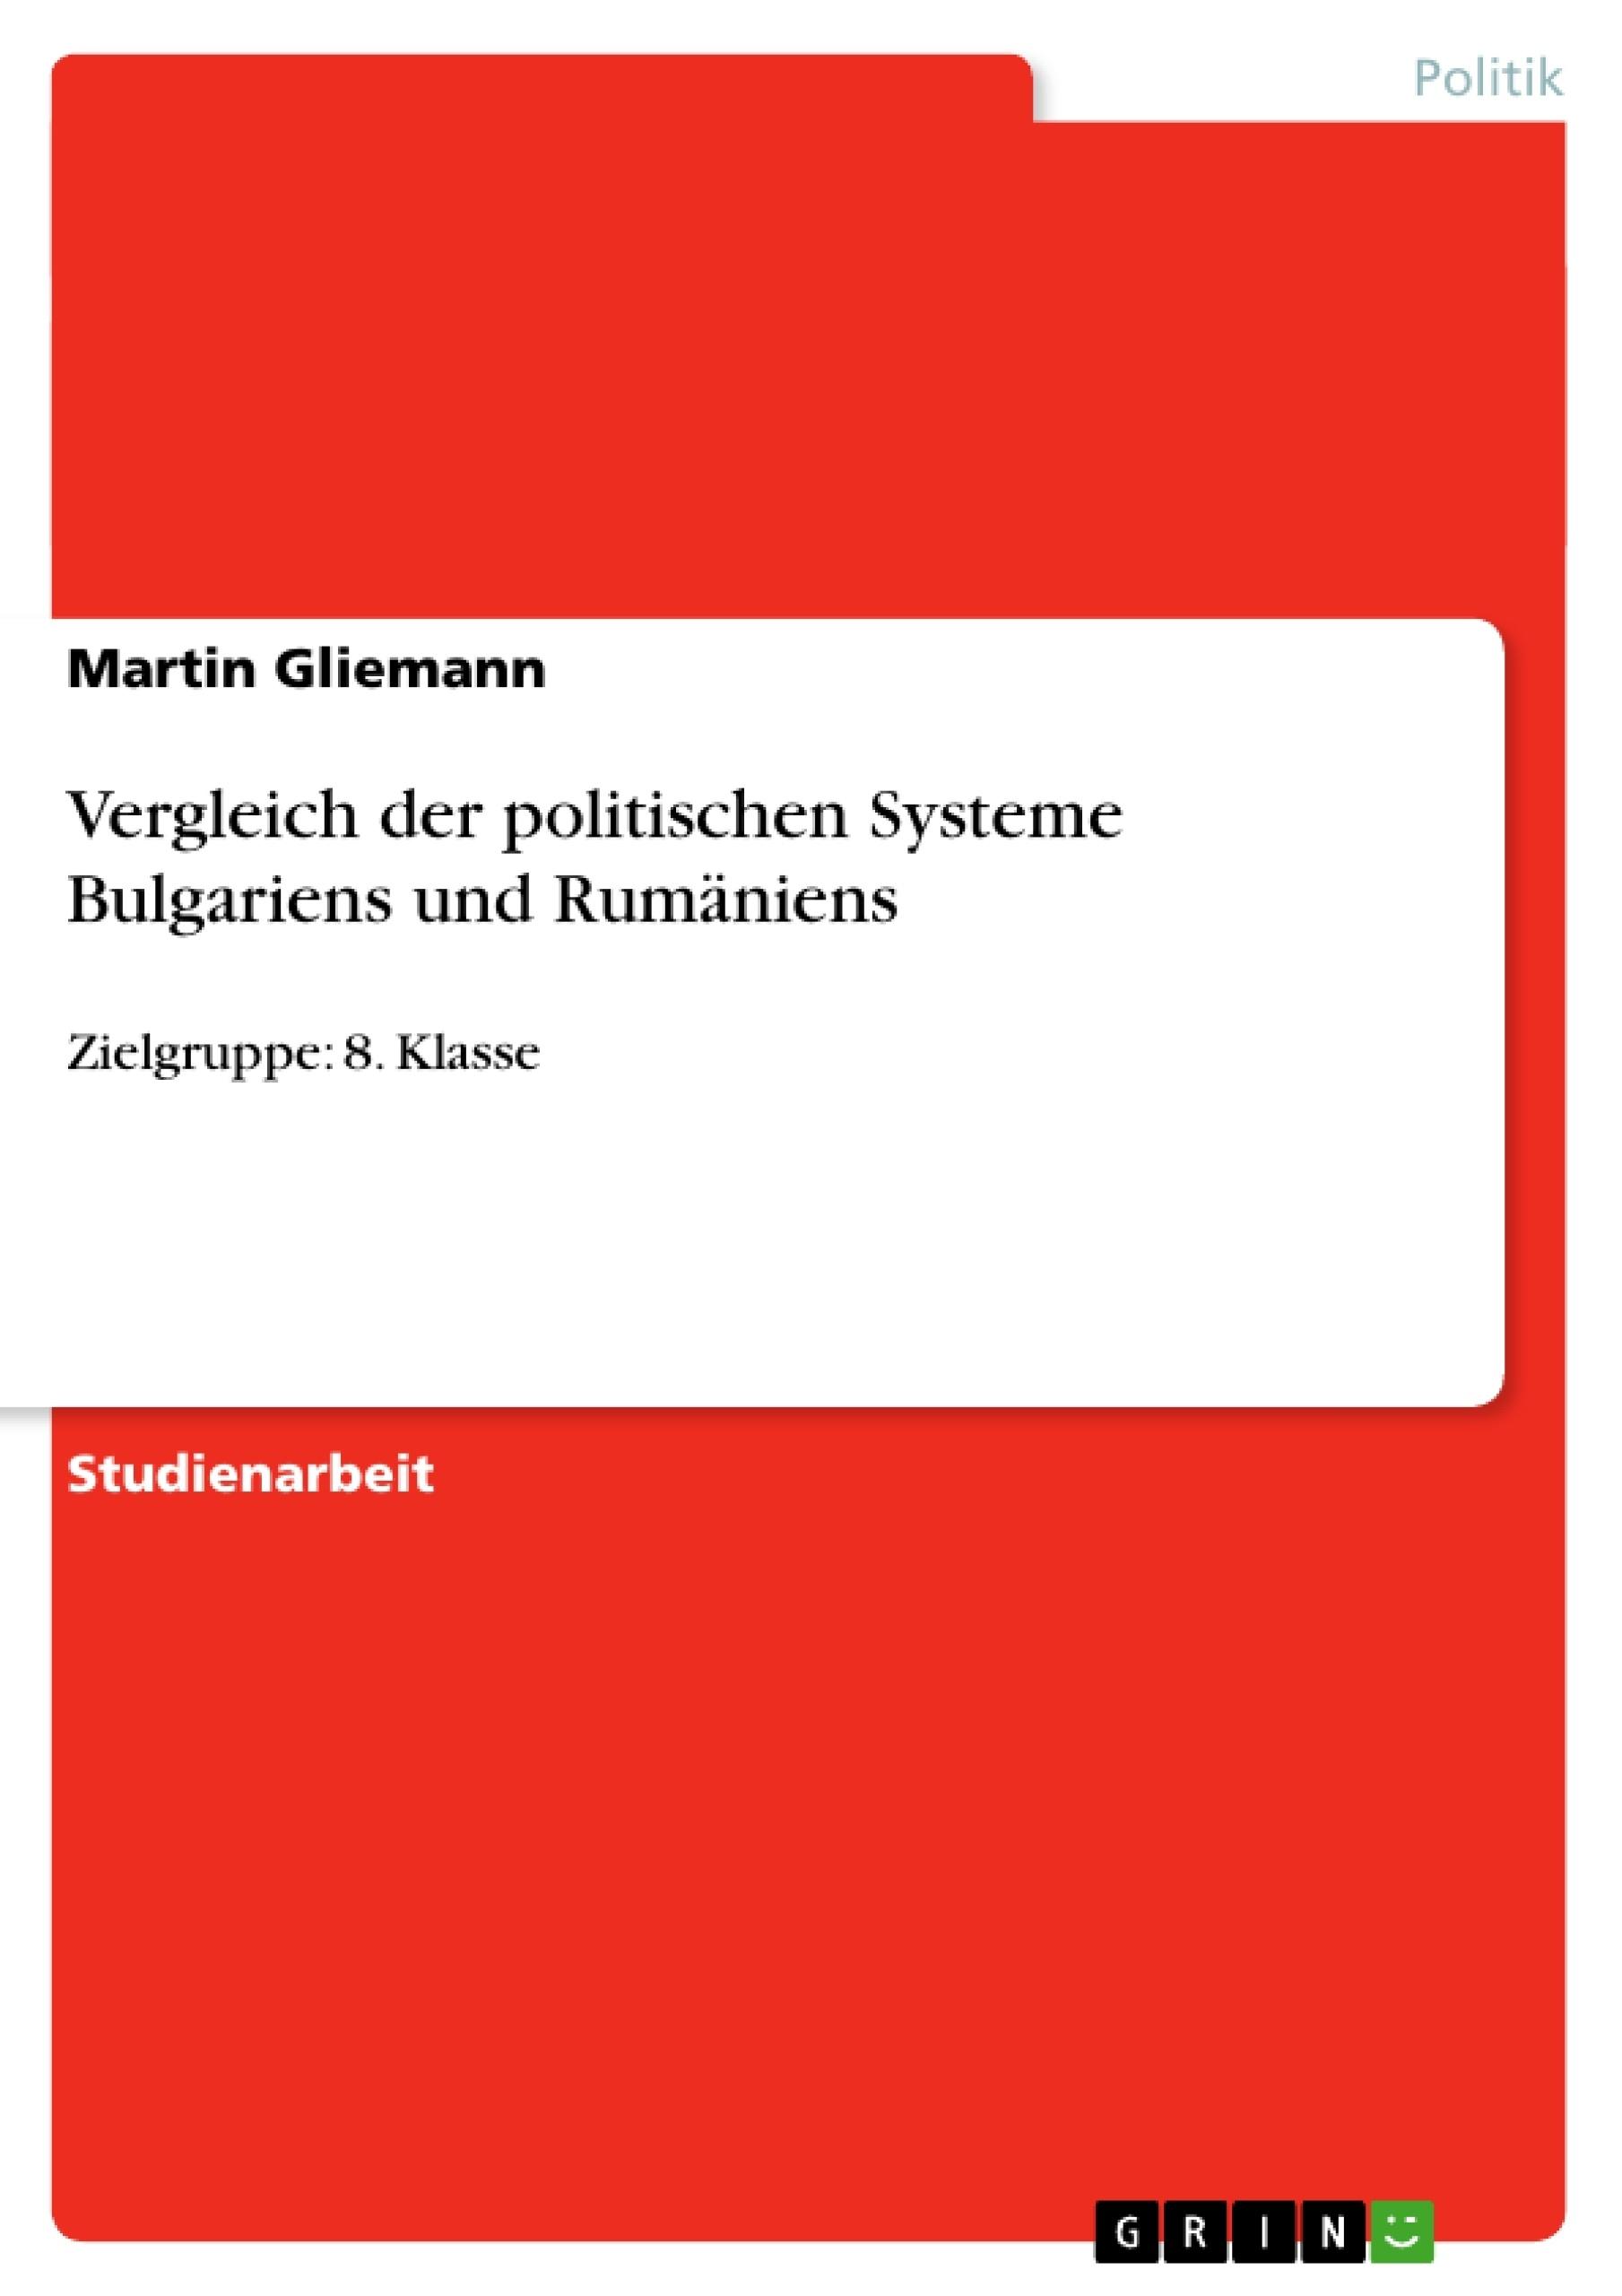 Titel: Vergleich der politischen Systeme Bulgariens und Rumäniens